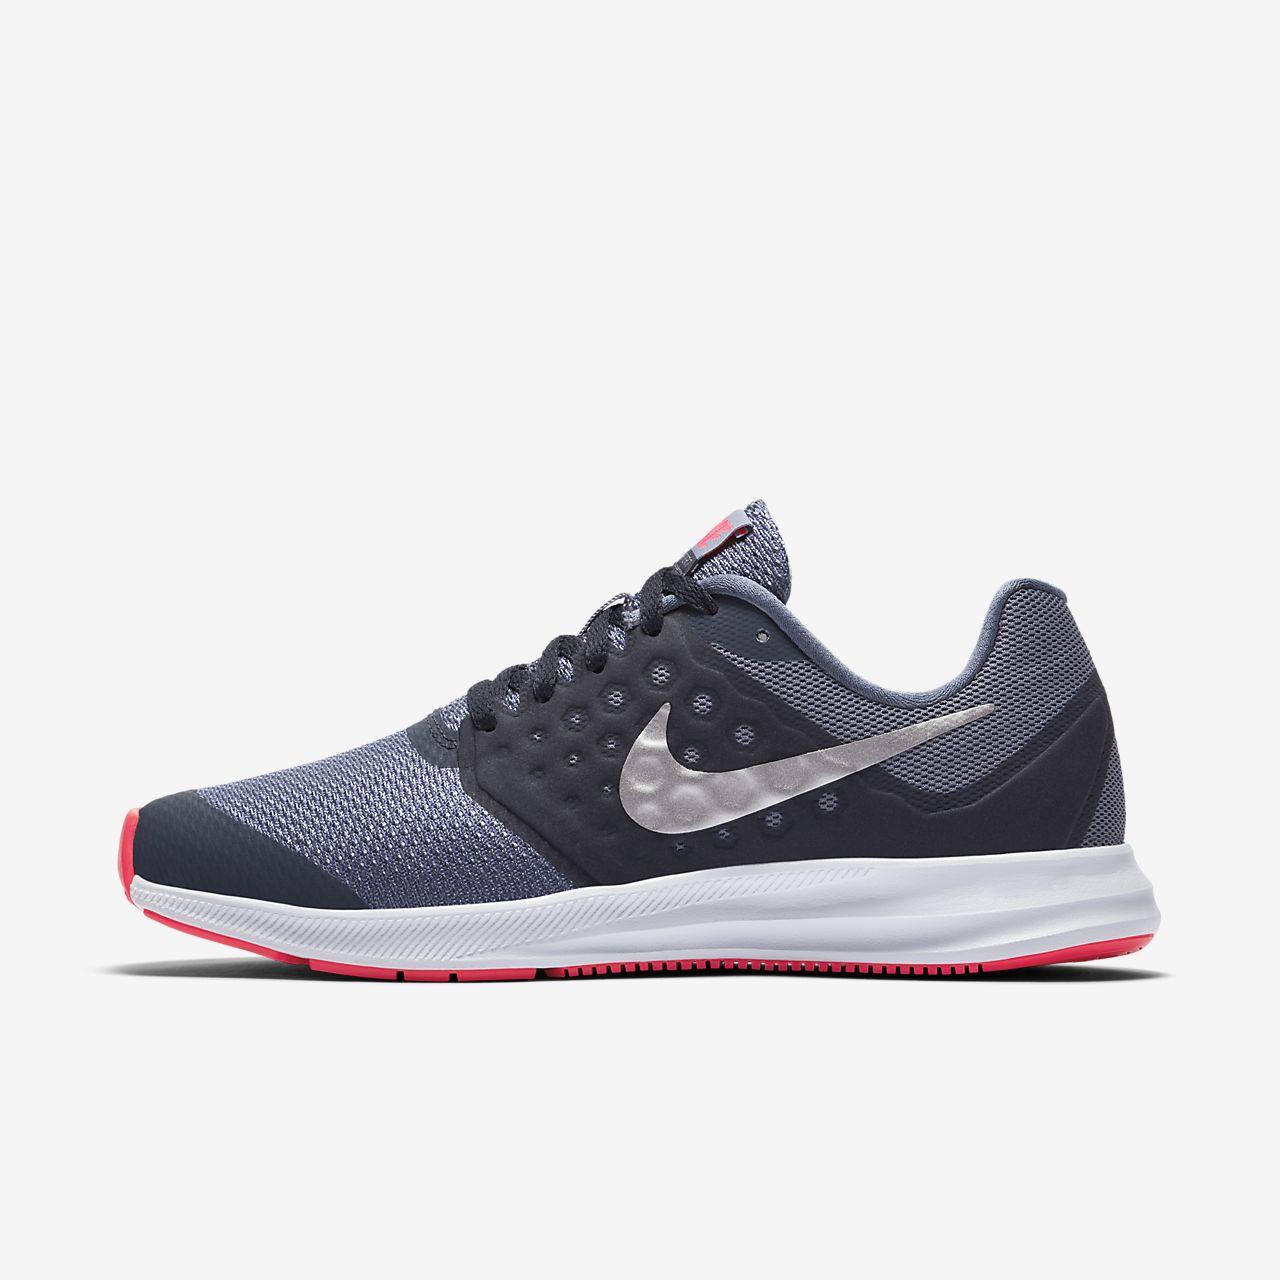 52a0401d8 Nike Downshifter 7 Zapatillas de running - Niño a. Nike.com ES